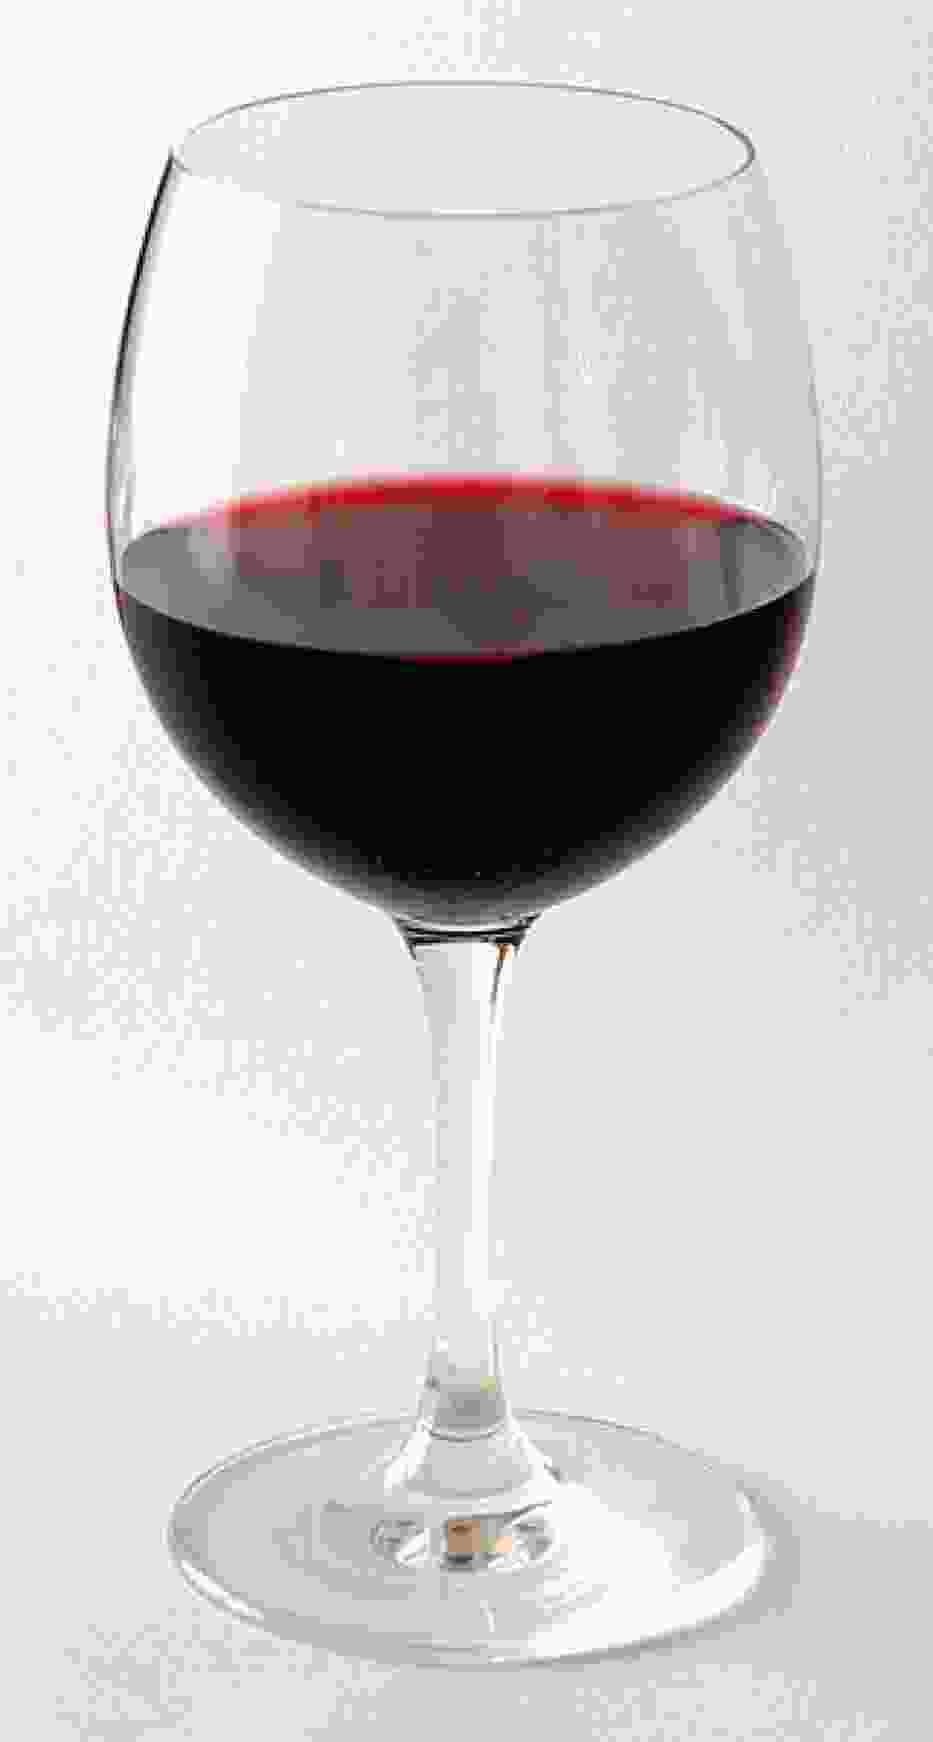 Co trzeci uczeń pierwszej klasy gimnazjum przyznaje, że pierwszy raz pod wpływem alkoholu był już w podstawówce